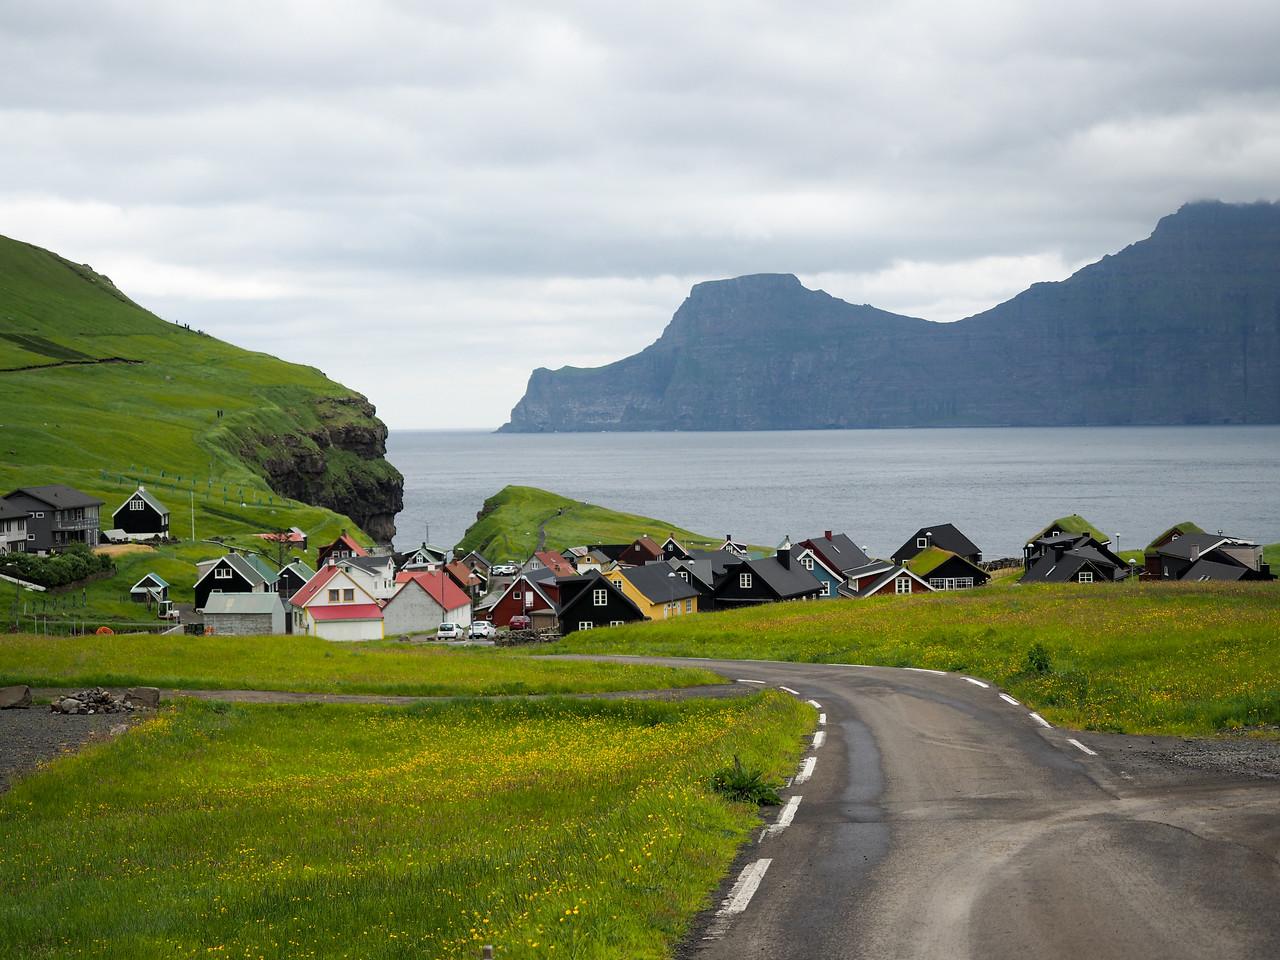 The village of Gjógv in the Faroe Islands